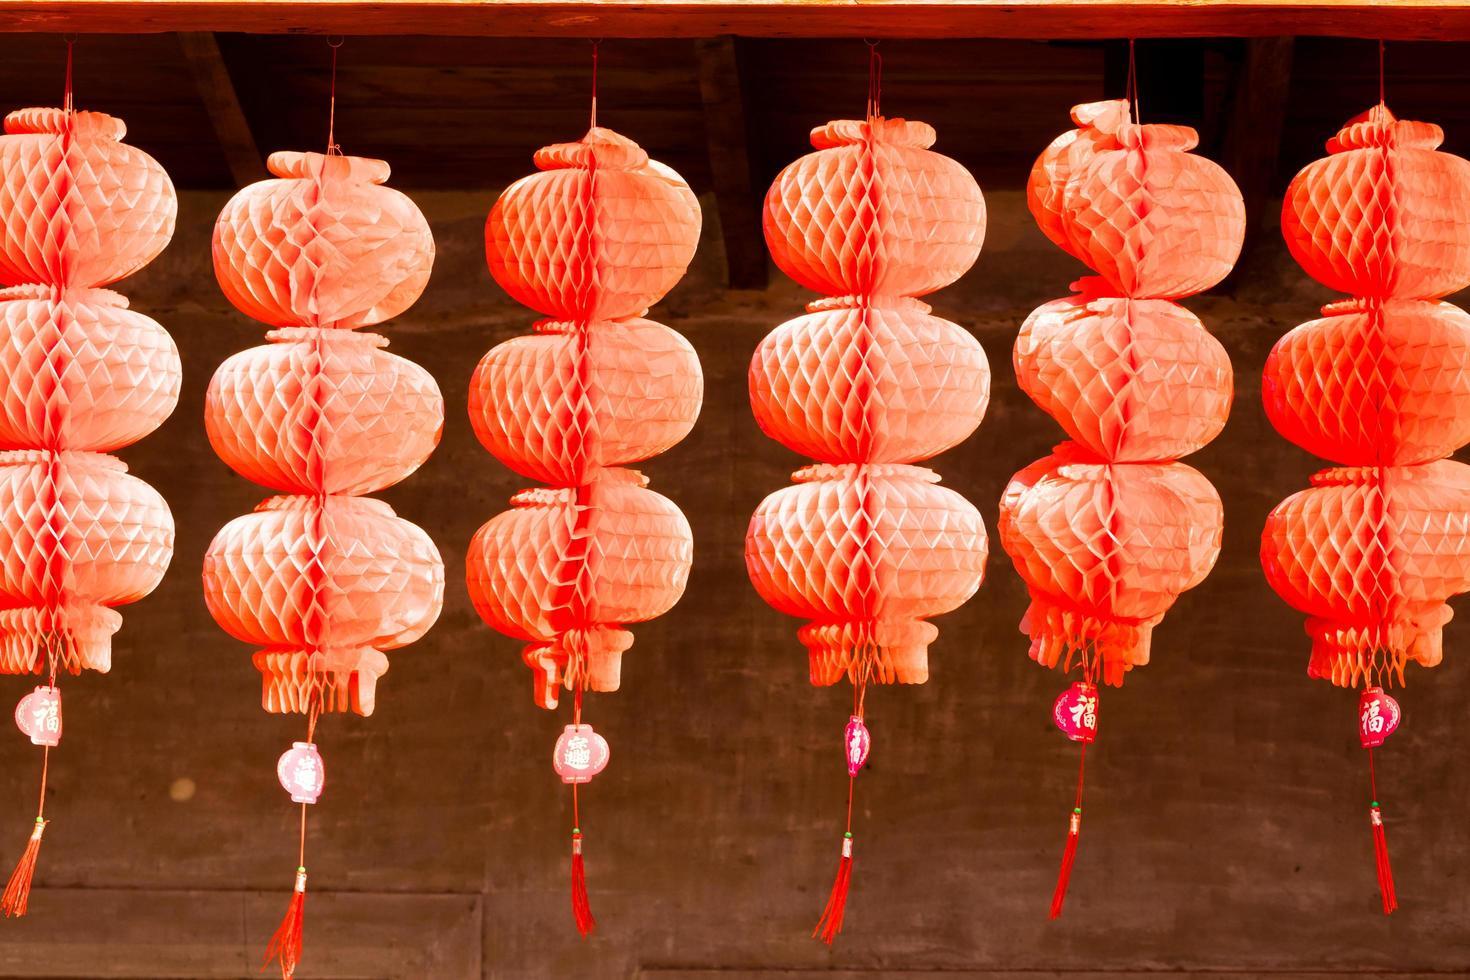 linternas rojas para el año nuevo chino foto